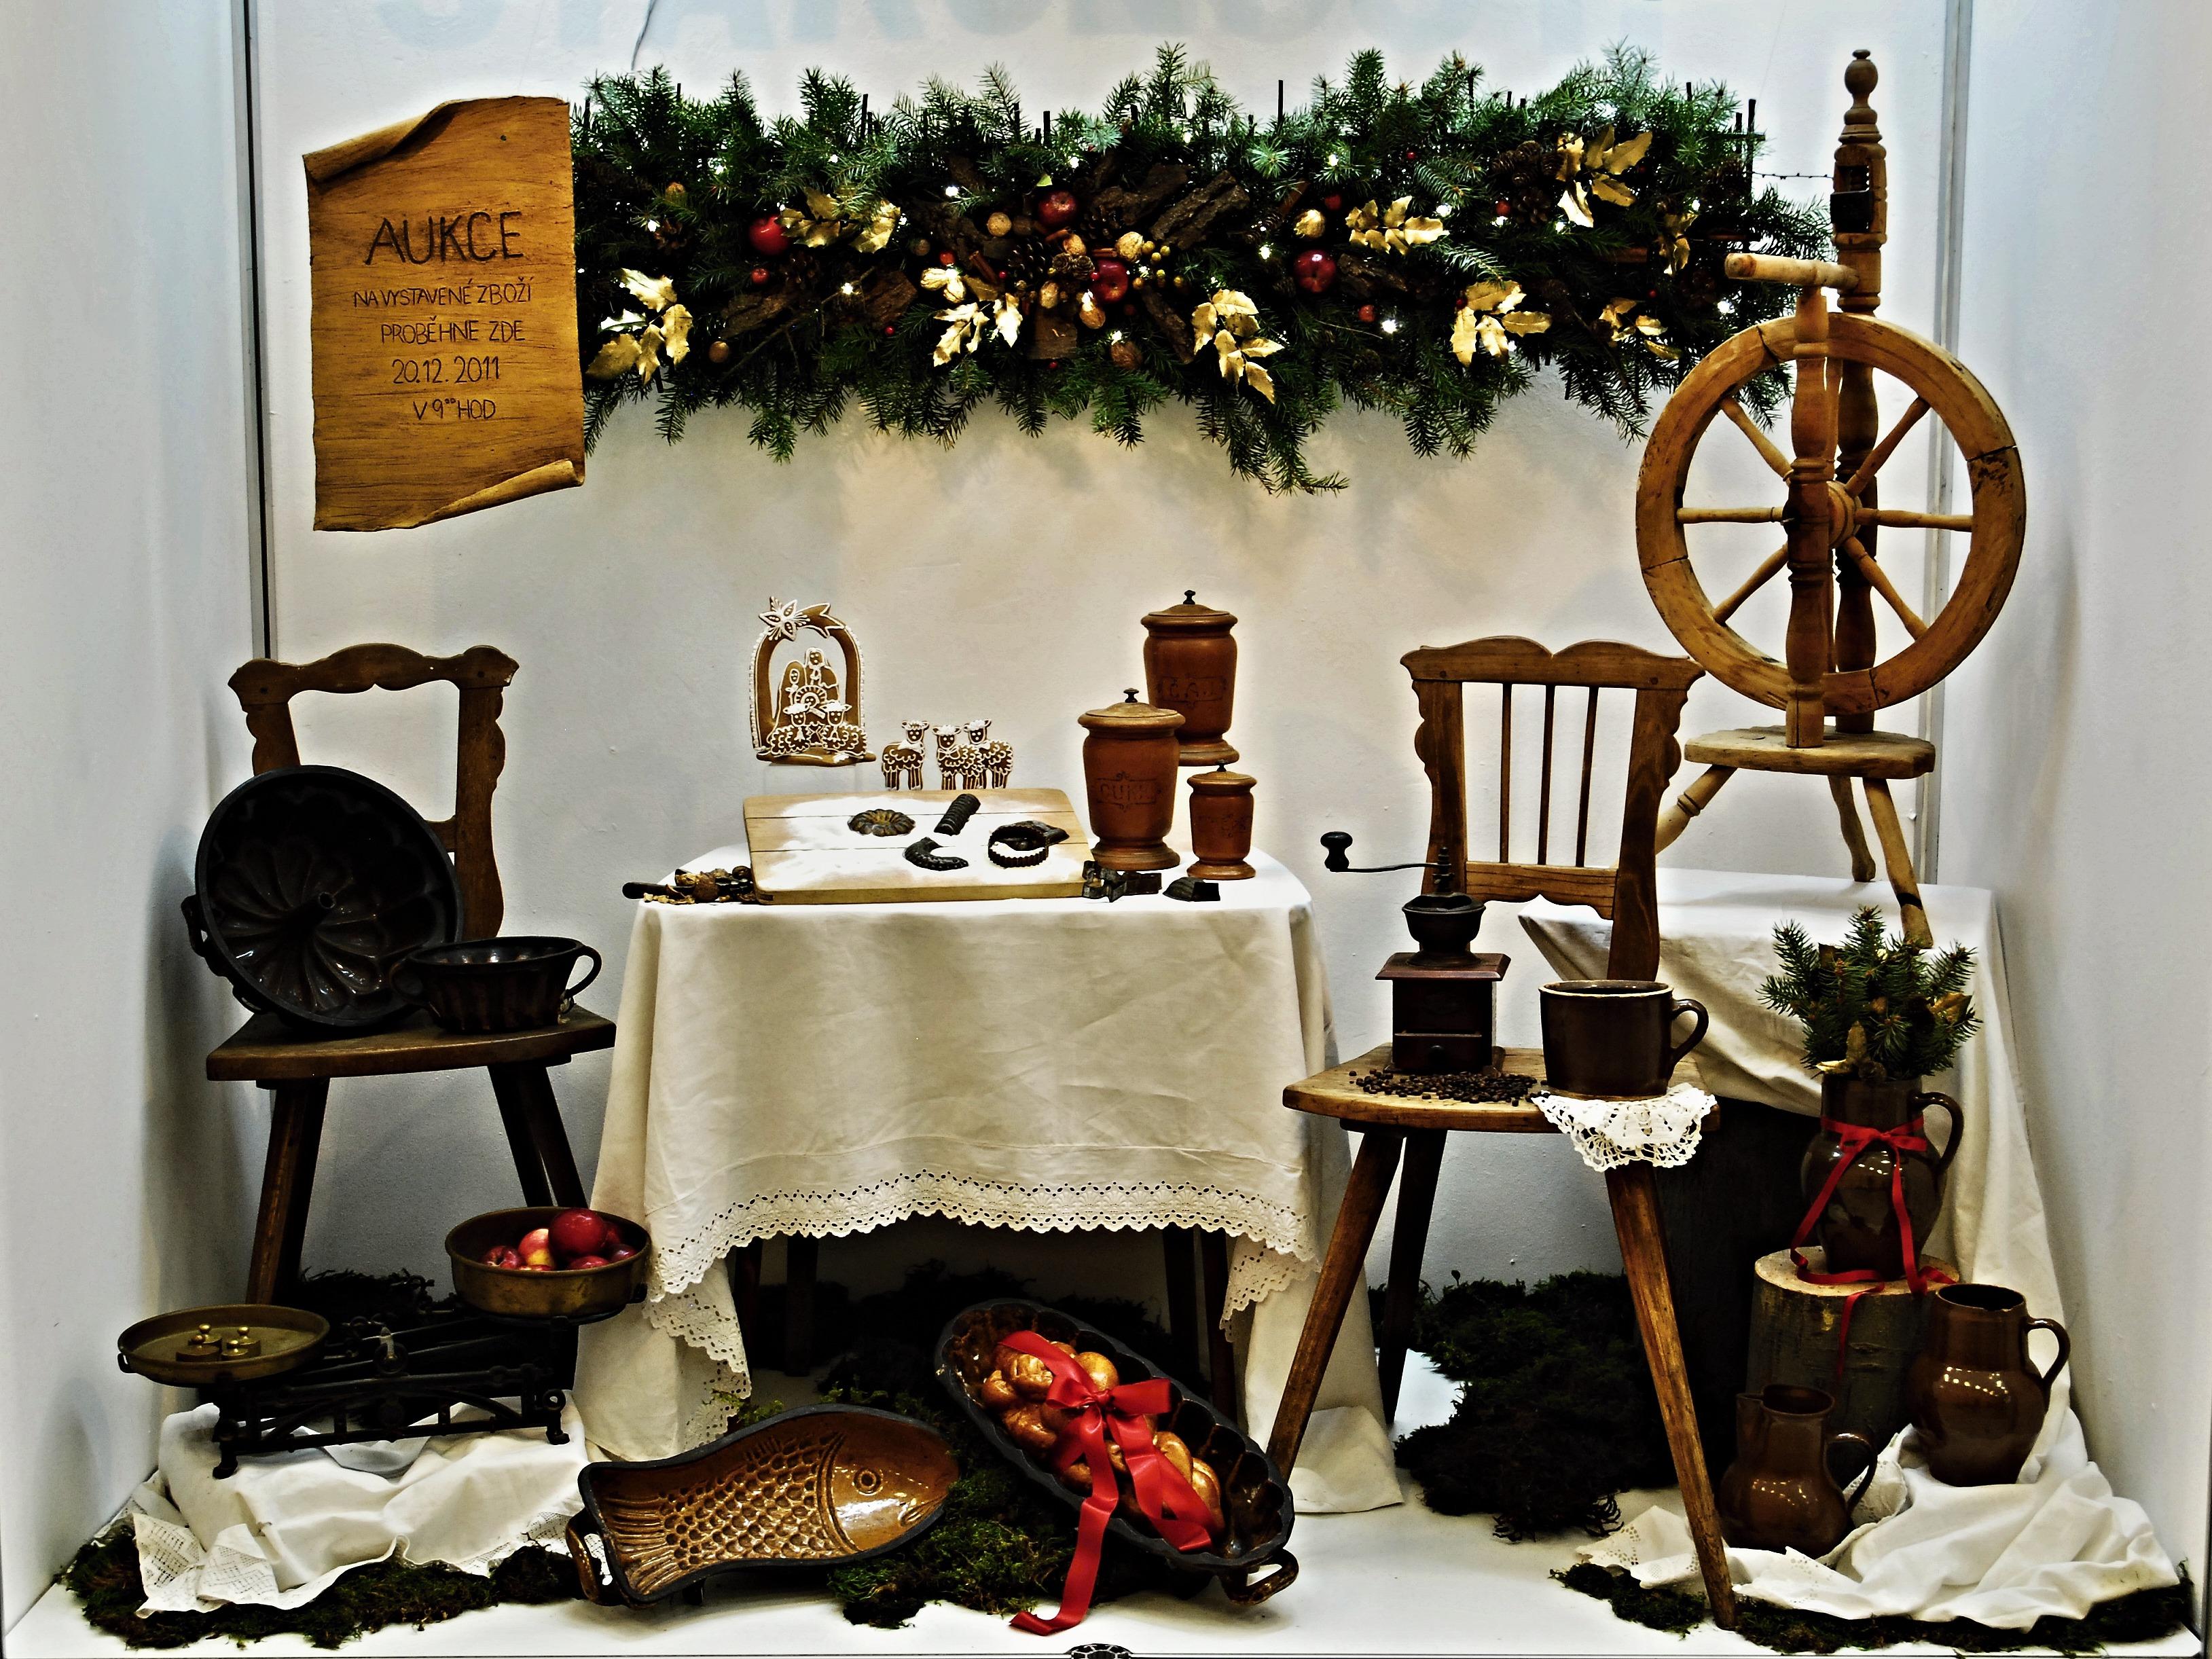 Fotos Gratis Mesa Silla Ventana Casa Mueble Navidad  # Muebles De Casa